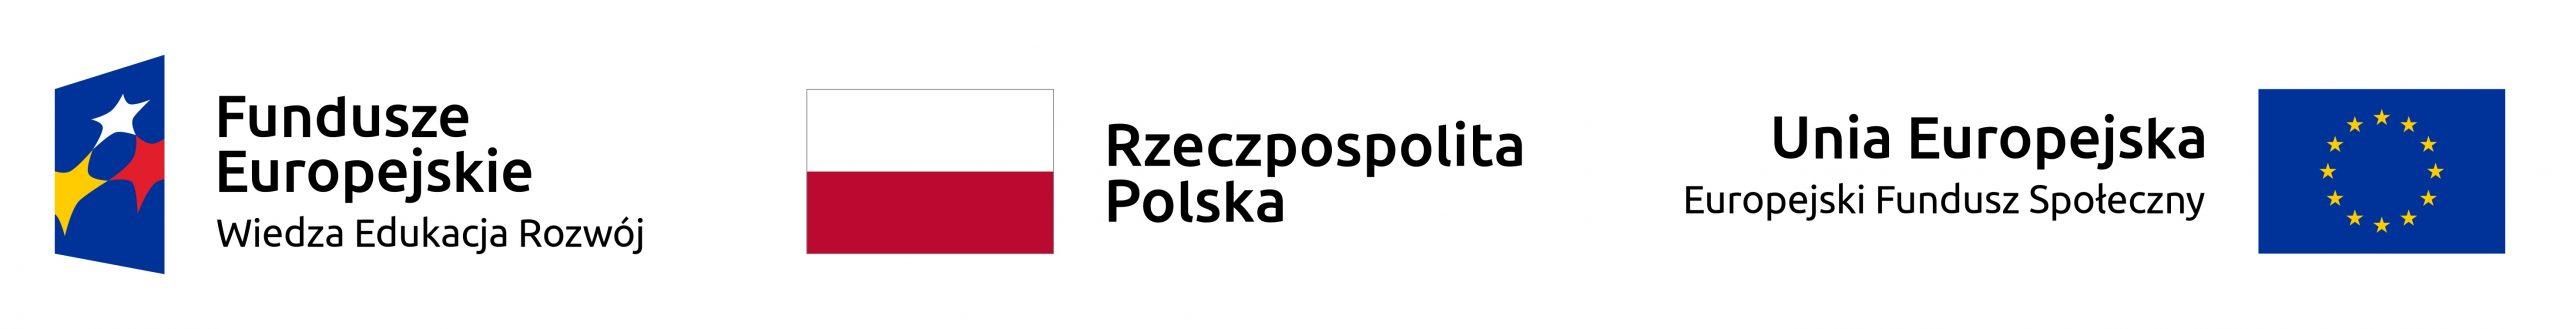 Z lewej strony logotyp Programu Operacyjnego Wiedza Edukacja Rozwój zawierający jedną gwiazdkę białą, jedną żółtą oraz jedną czerwoną na niebieskim tle, z prawej strony logo Unii Europejskiej, żółte gwiazdki ułożone w kółko na niebieskim tle oraz napis Unia Europejska Europejski Funduszu Społeczny. Na środku biało-czerwona flaga Polski z napisem Rzeczypospolita Polska